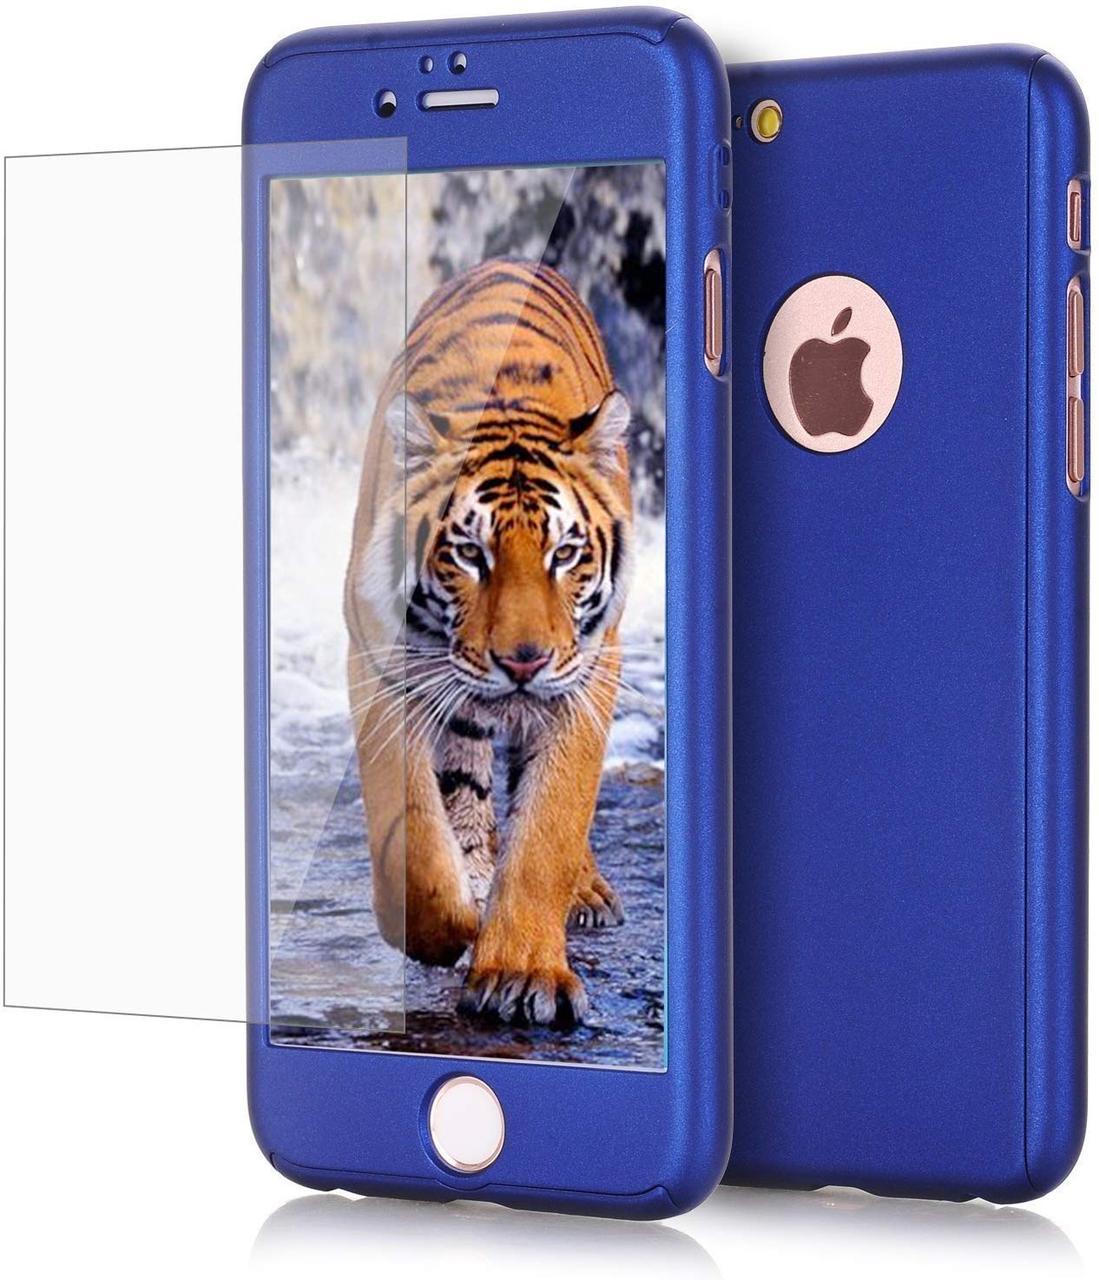 Чохол Full із захисним склом для Iphone 7/8 Blue (HbP661311)